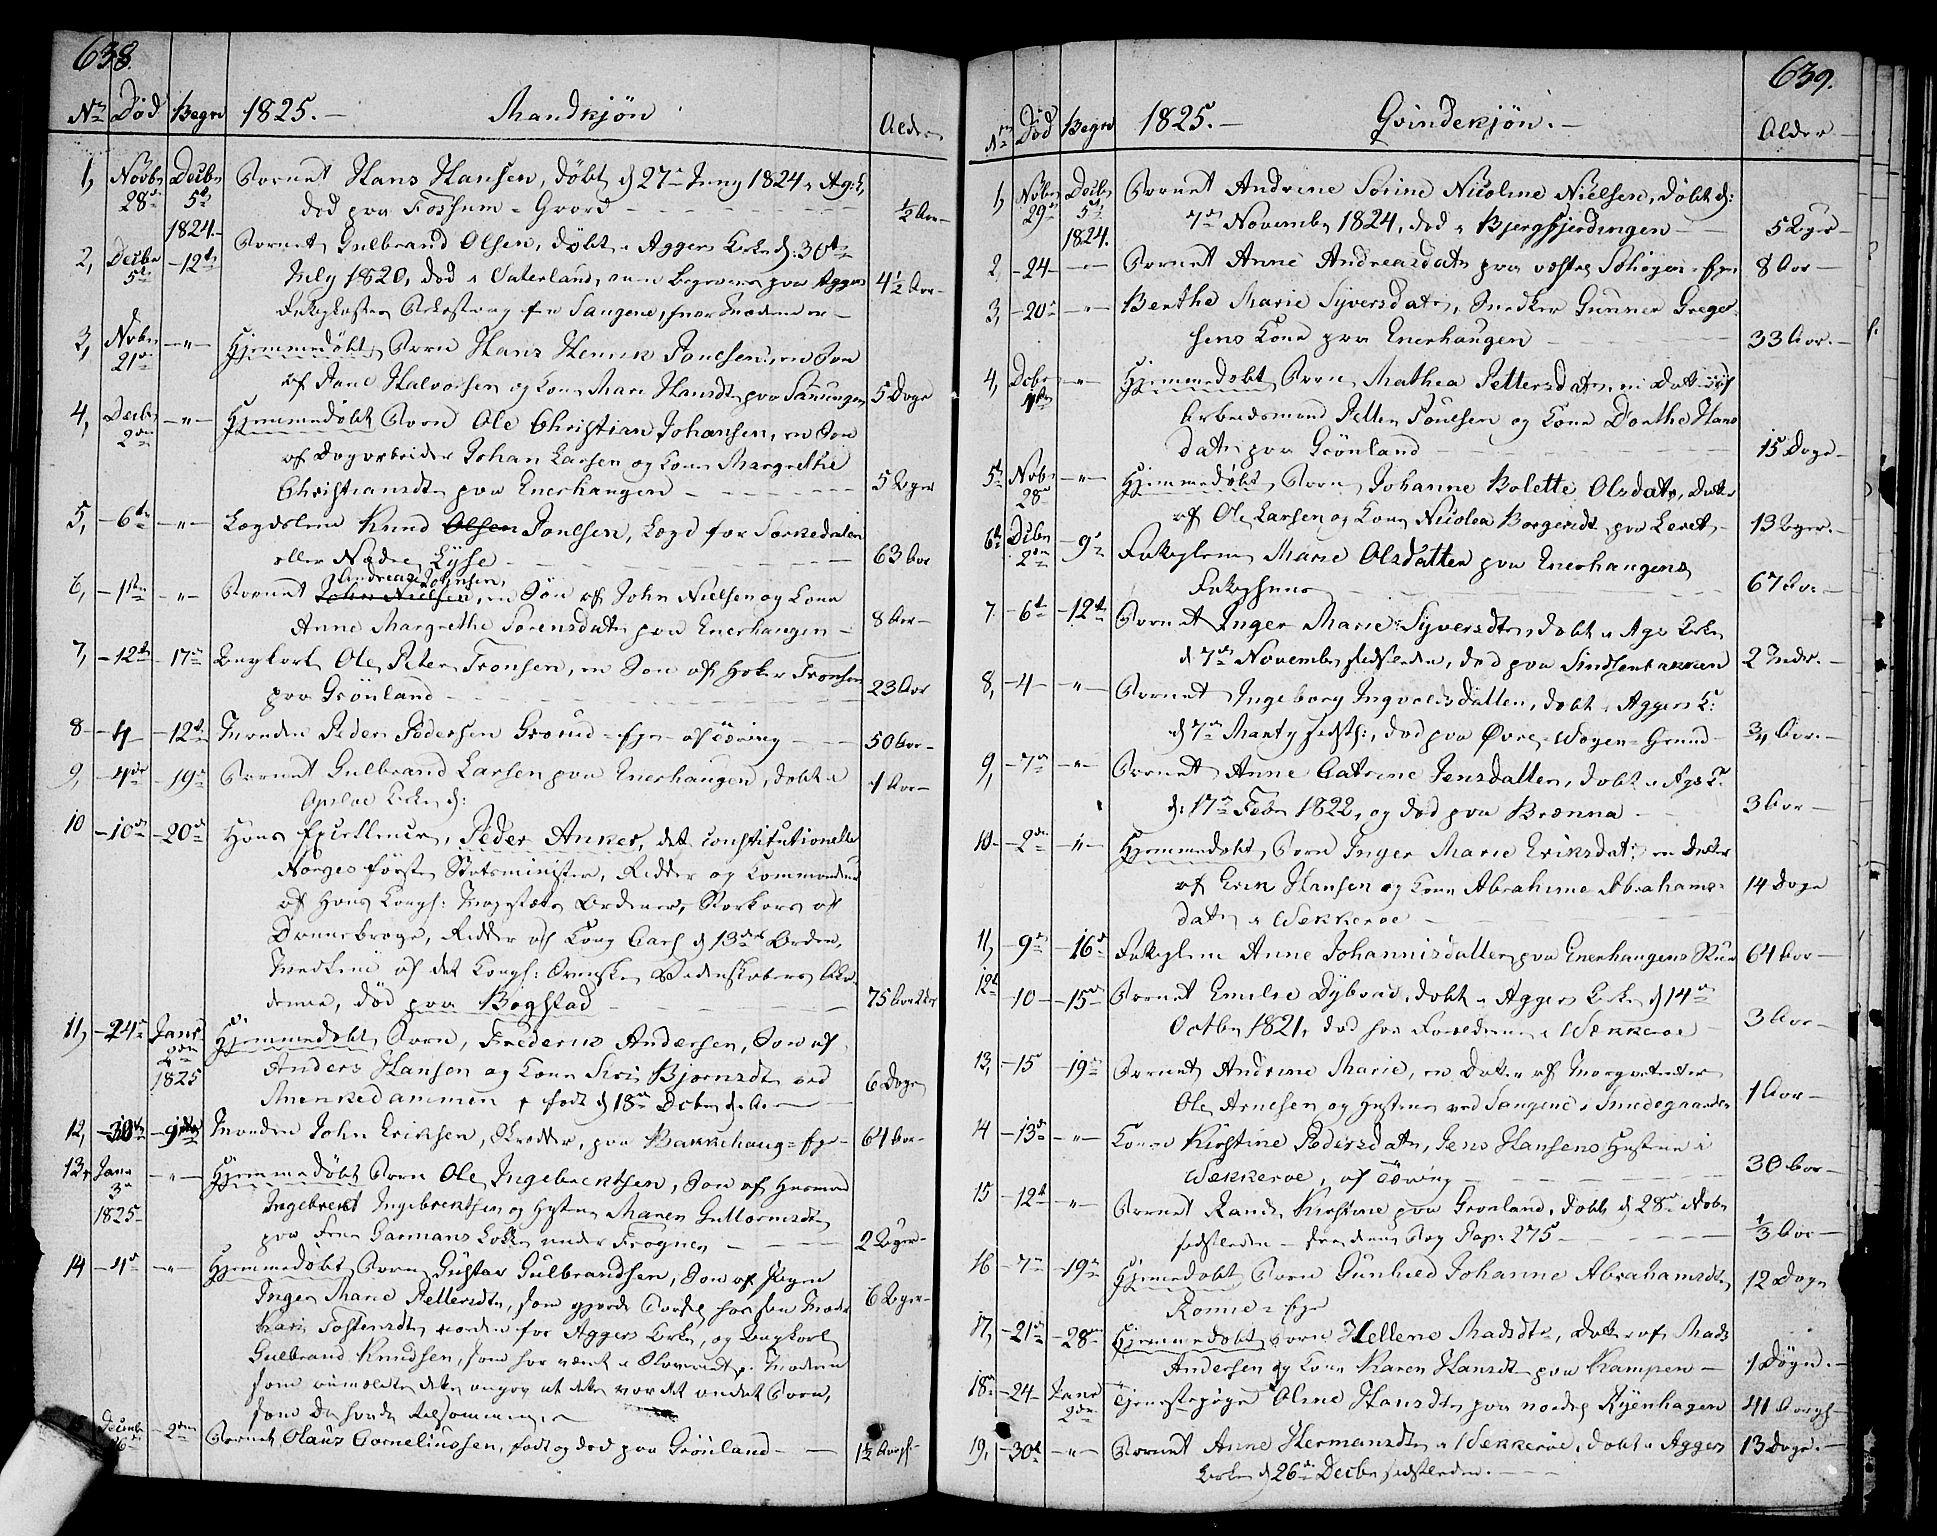 SAO, Aker prestekontor kirkebøker, F/L0012: Ministerialbok nr. 12, 1819-1828, s. 638-639